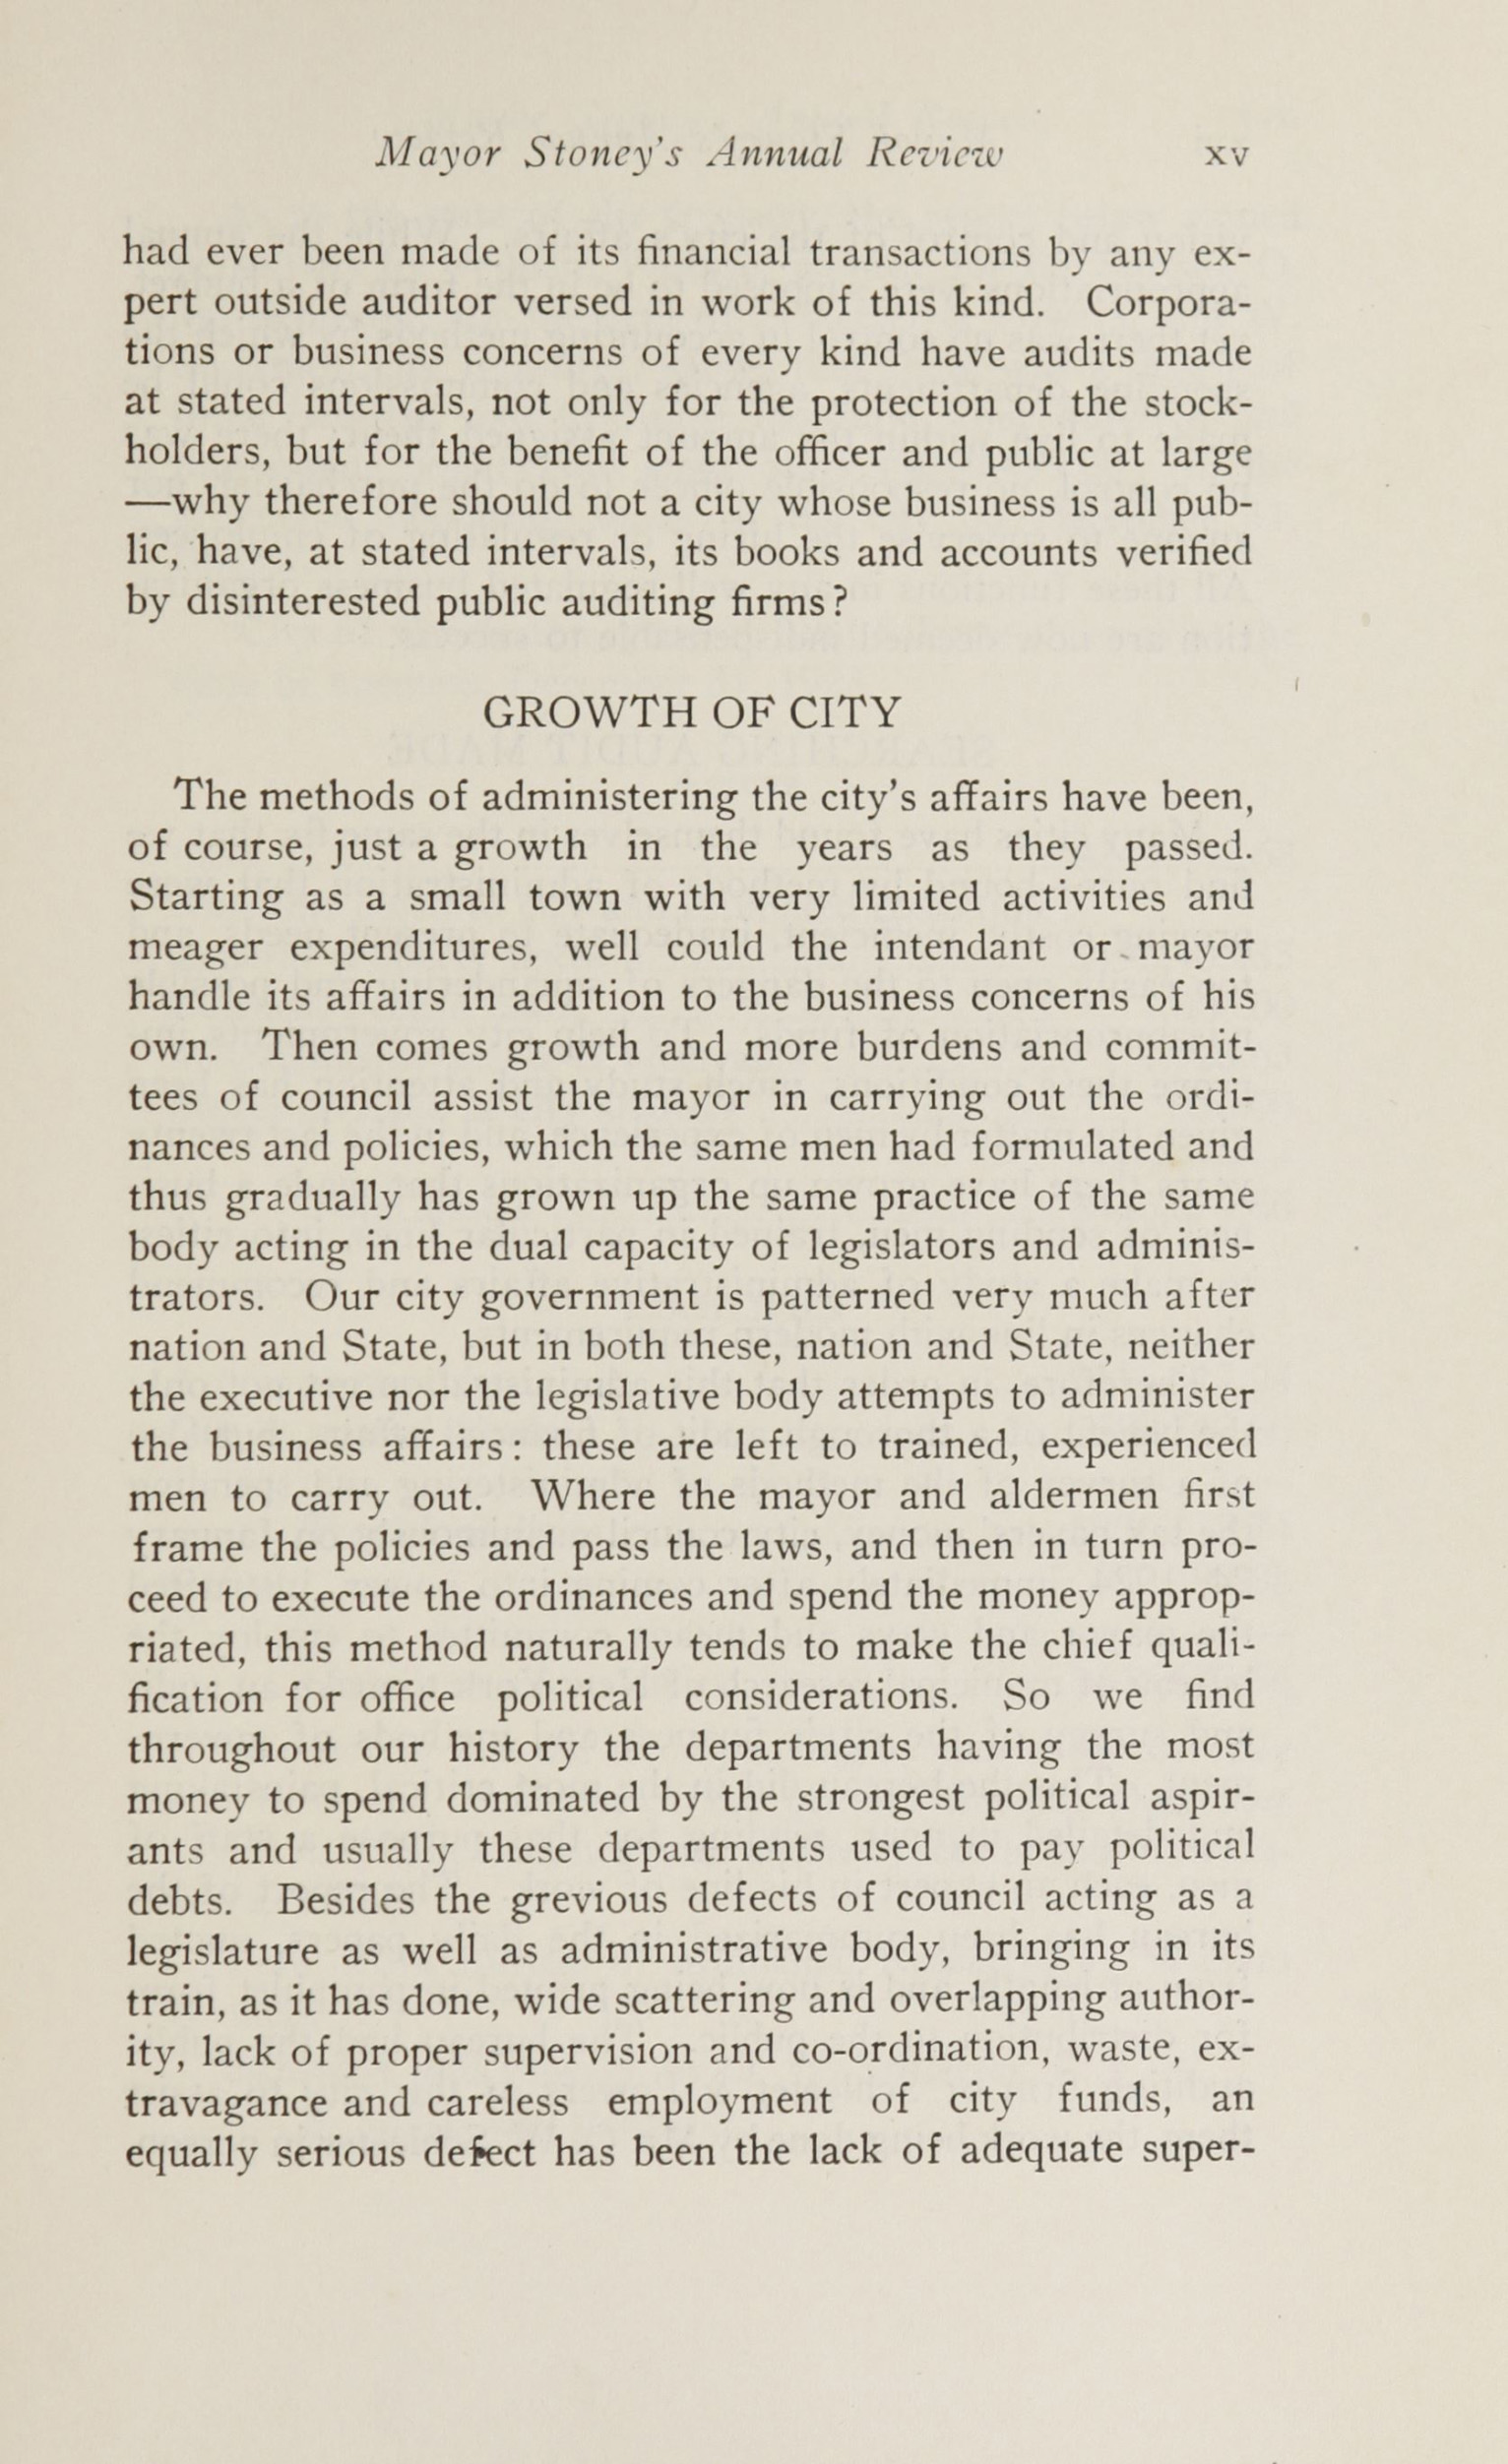 Charleston Yearbook, 1924, page xv